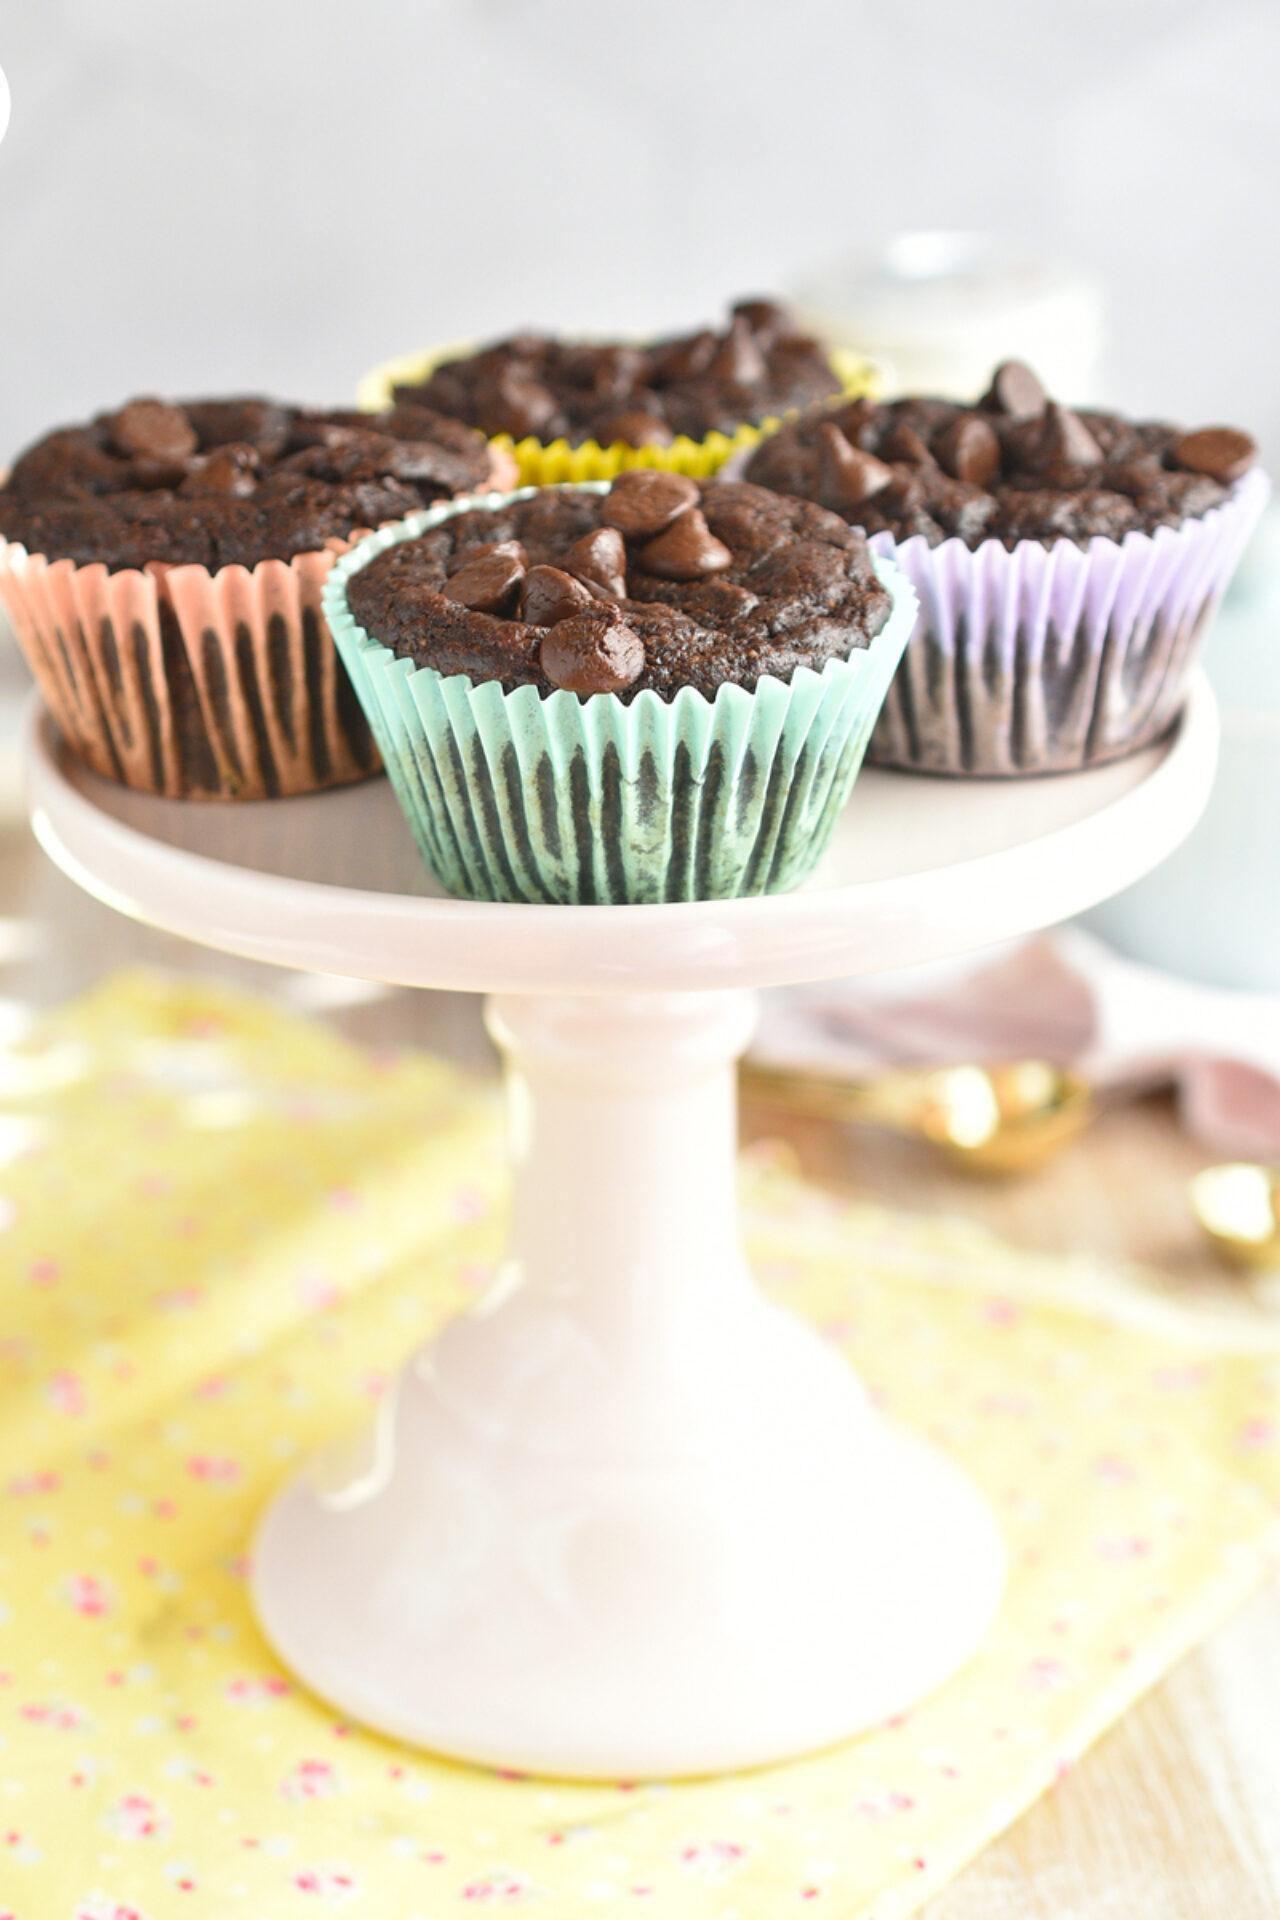 Muffins de chocolate y banana sin gluten, sin lactosa y sin azúcar añadida